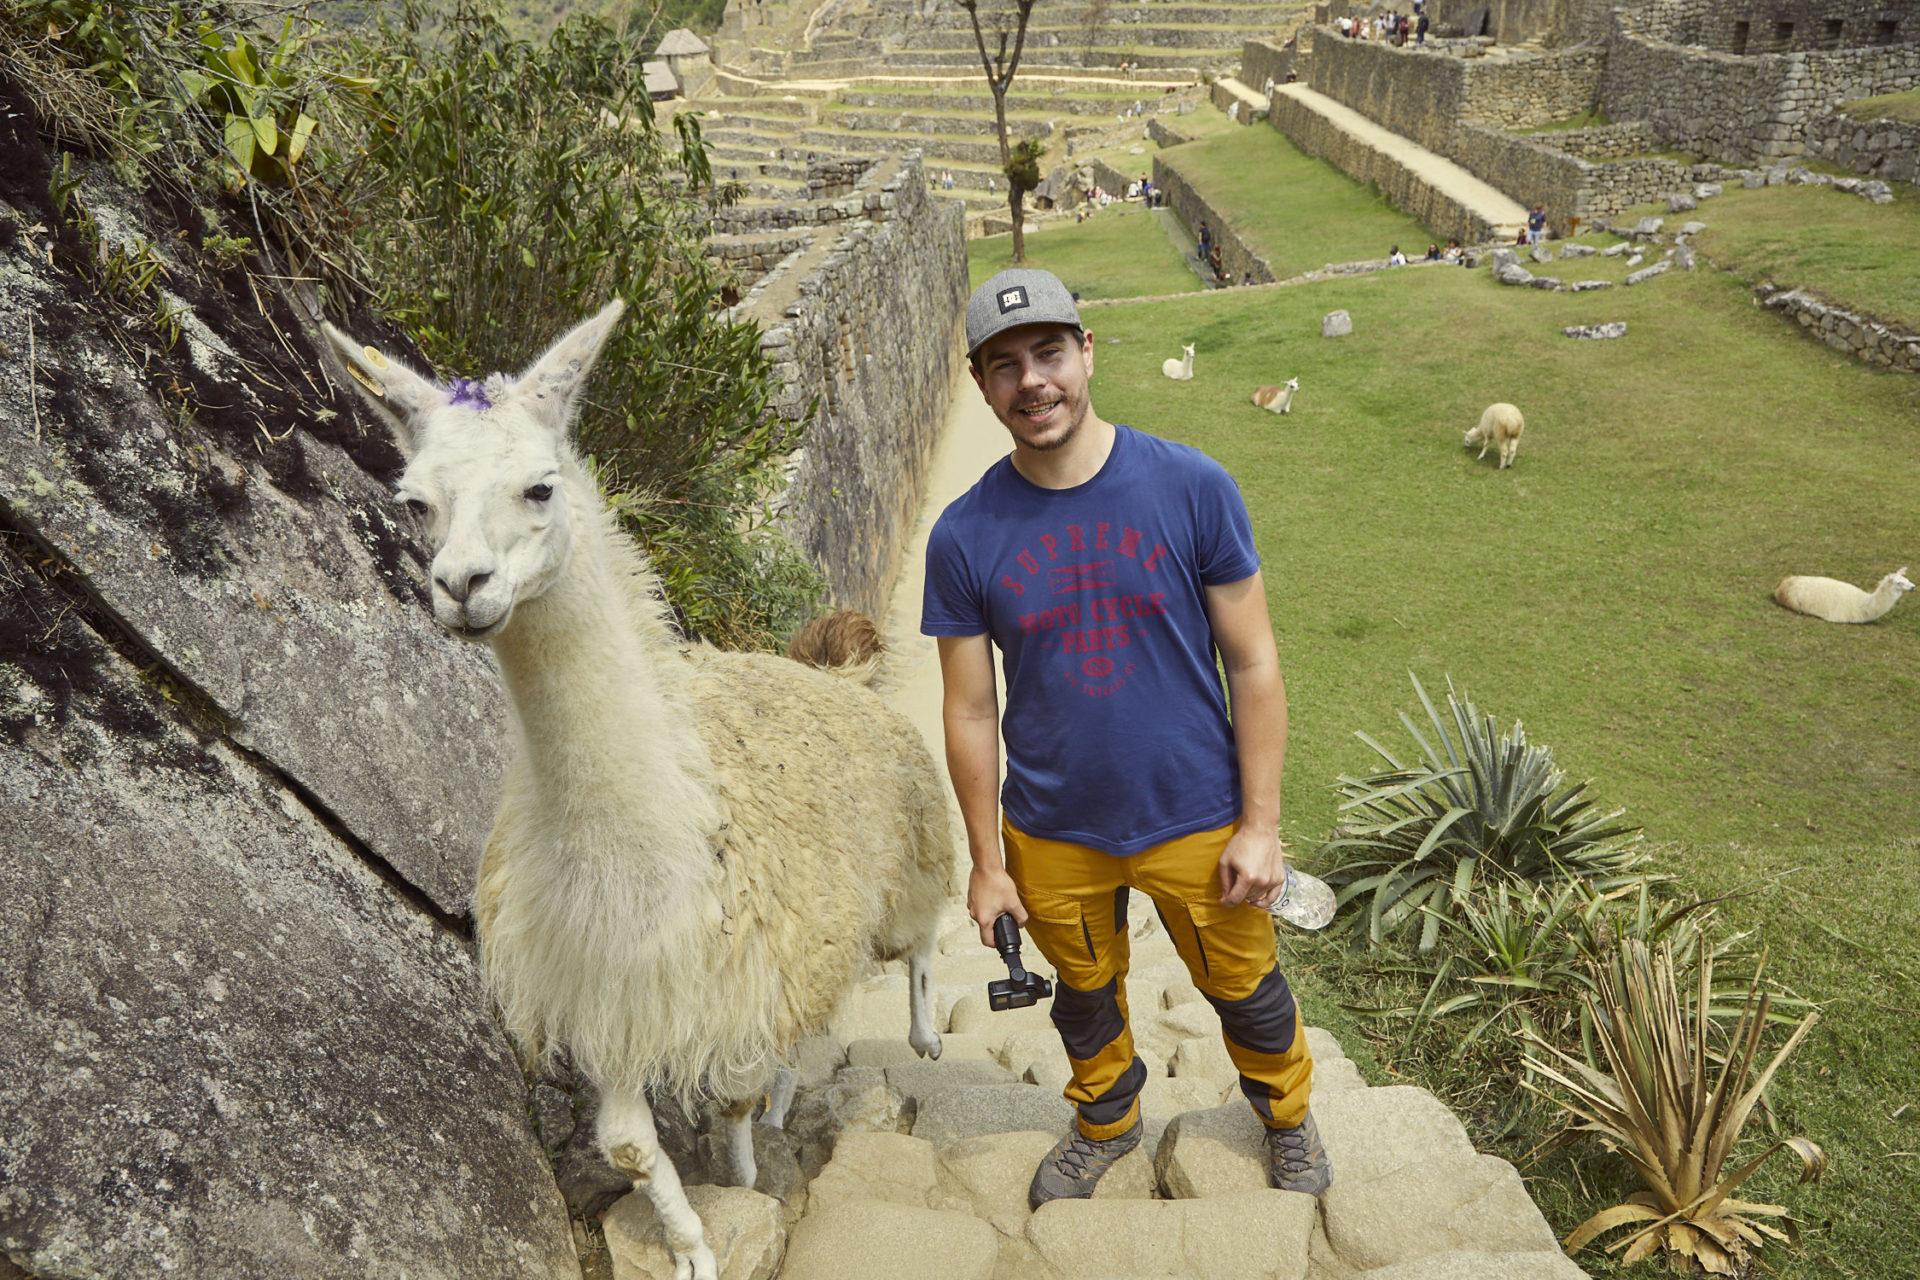 Foto Nummer 2 von unseren 6 lustigen Tierfotos, Eine witzige Begegnung mit einem Lama in Peru. Als Ronnie sich gerade umgedreht hatte; lief dieses Lama direkt hinter ihm auf die Treppe. So kam er noch zu einem ganz natürlichen Foto mit einem Lama in Machu Picchu während unseres Peru Urlaubes